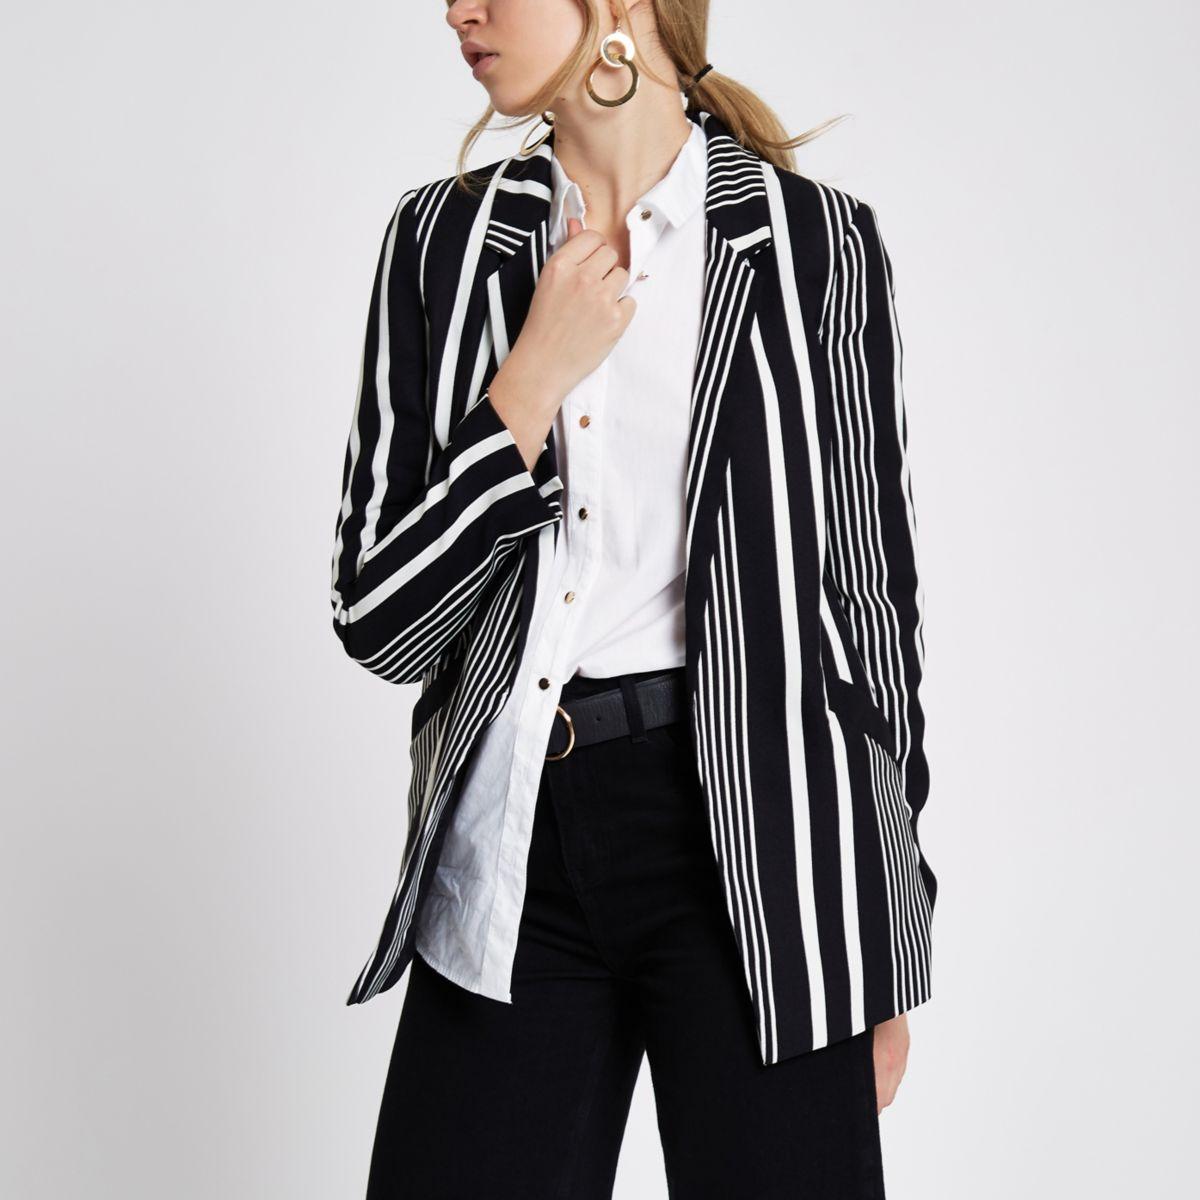 Monochrome striped blazer